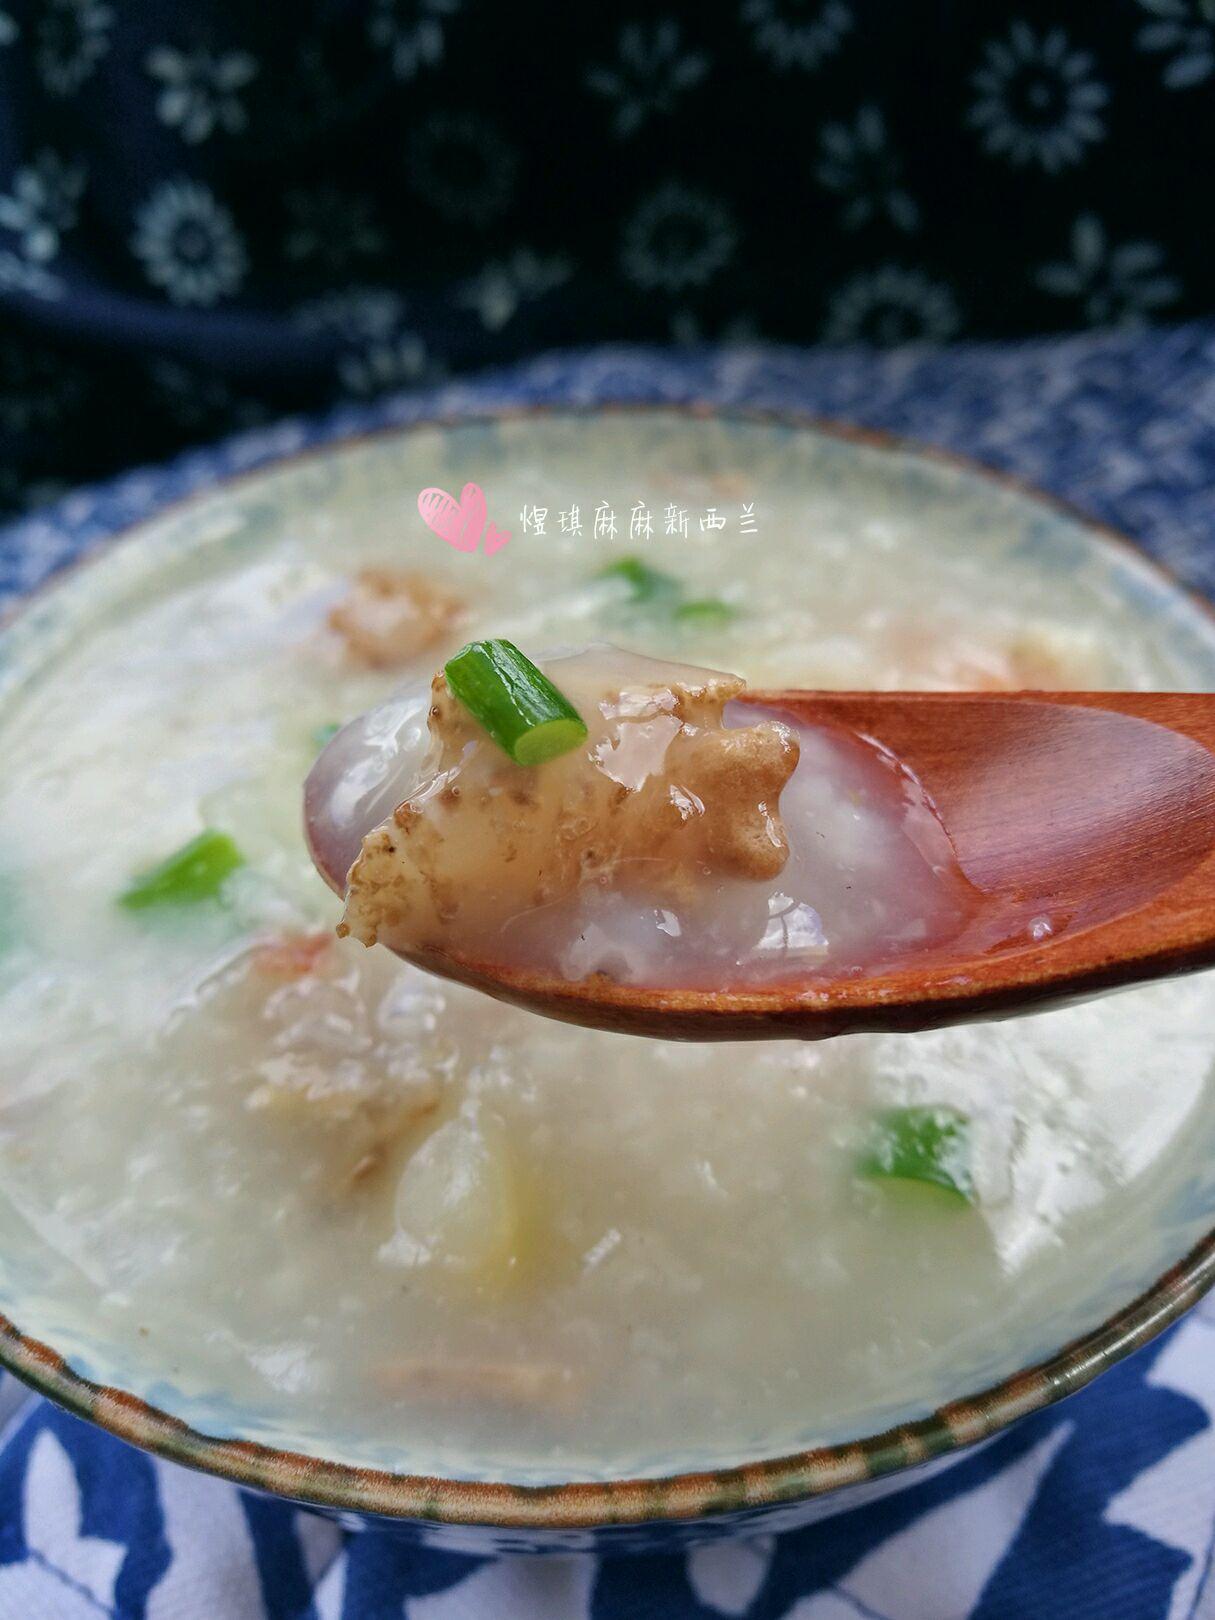 海参海鲜粥